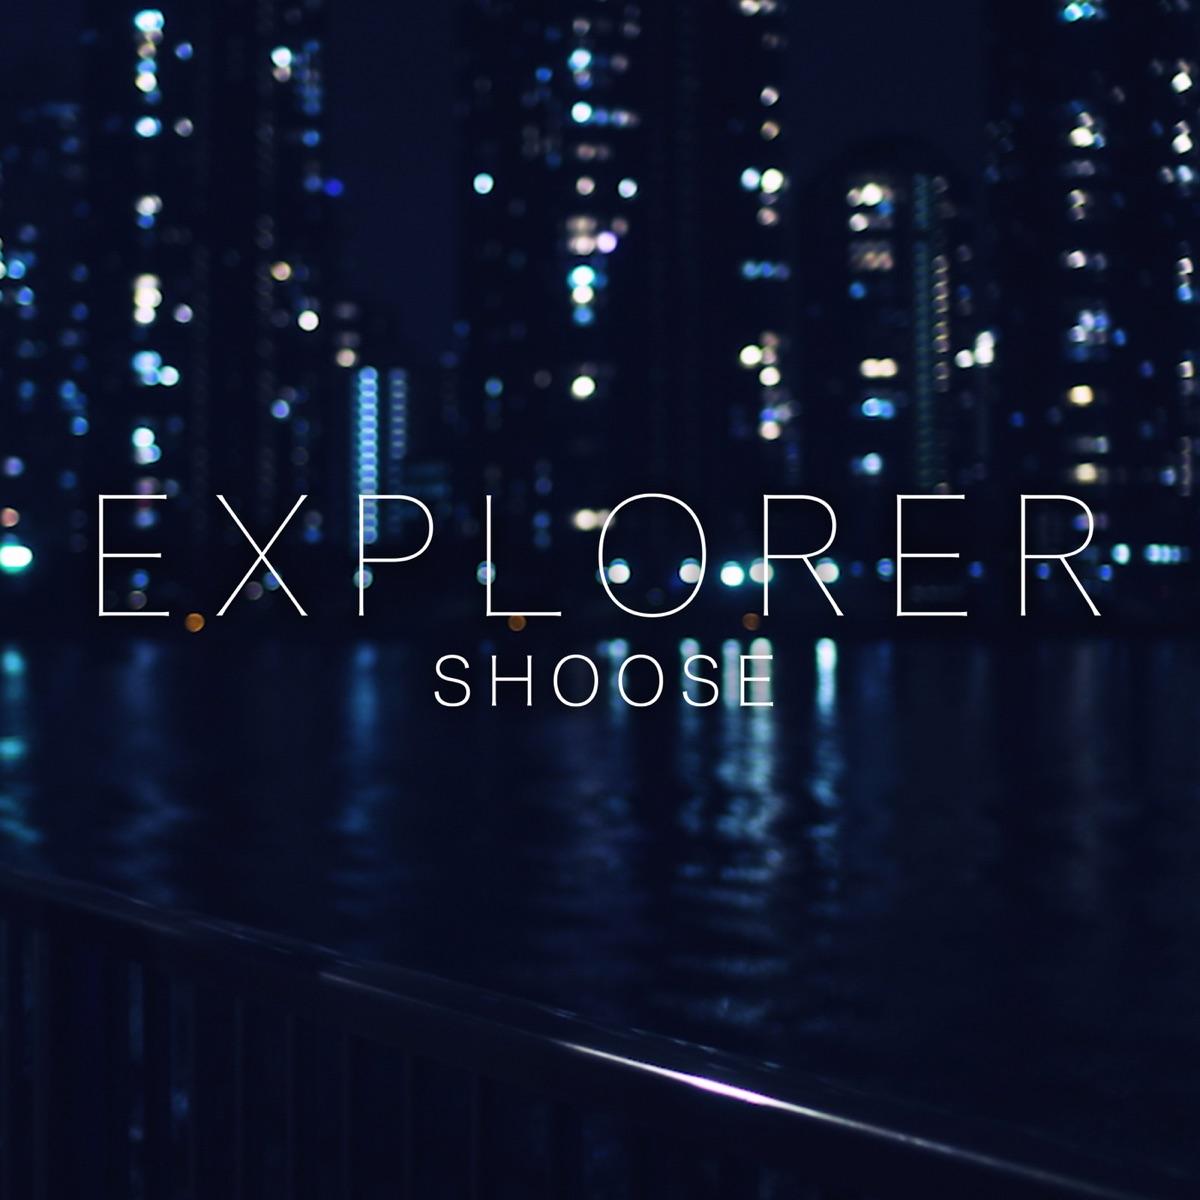 『しゅーず - EXPLORER』収録の『EXPLORER』ジャケット